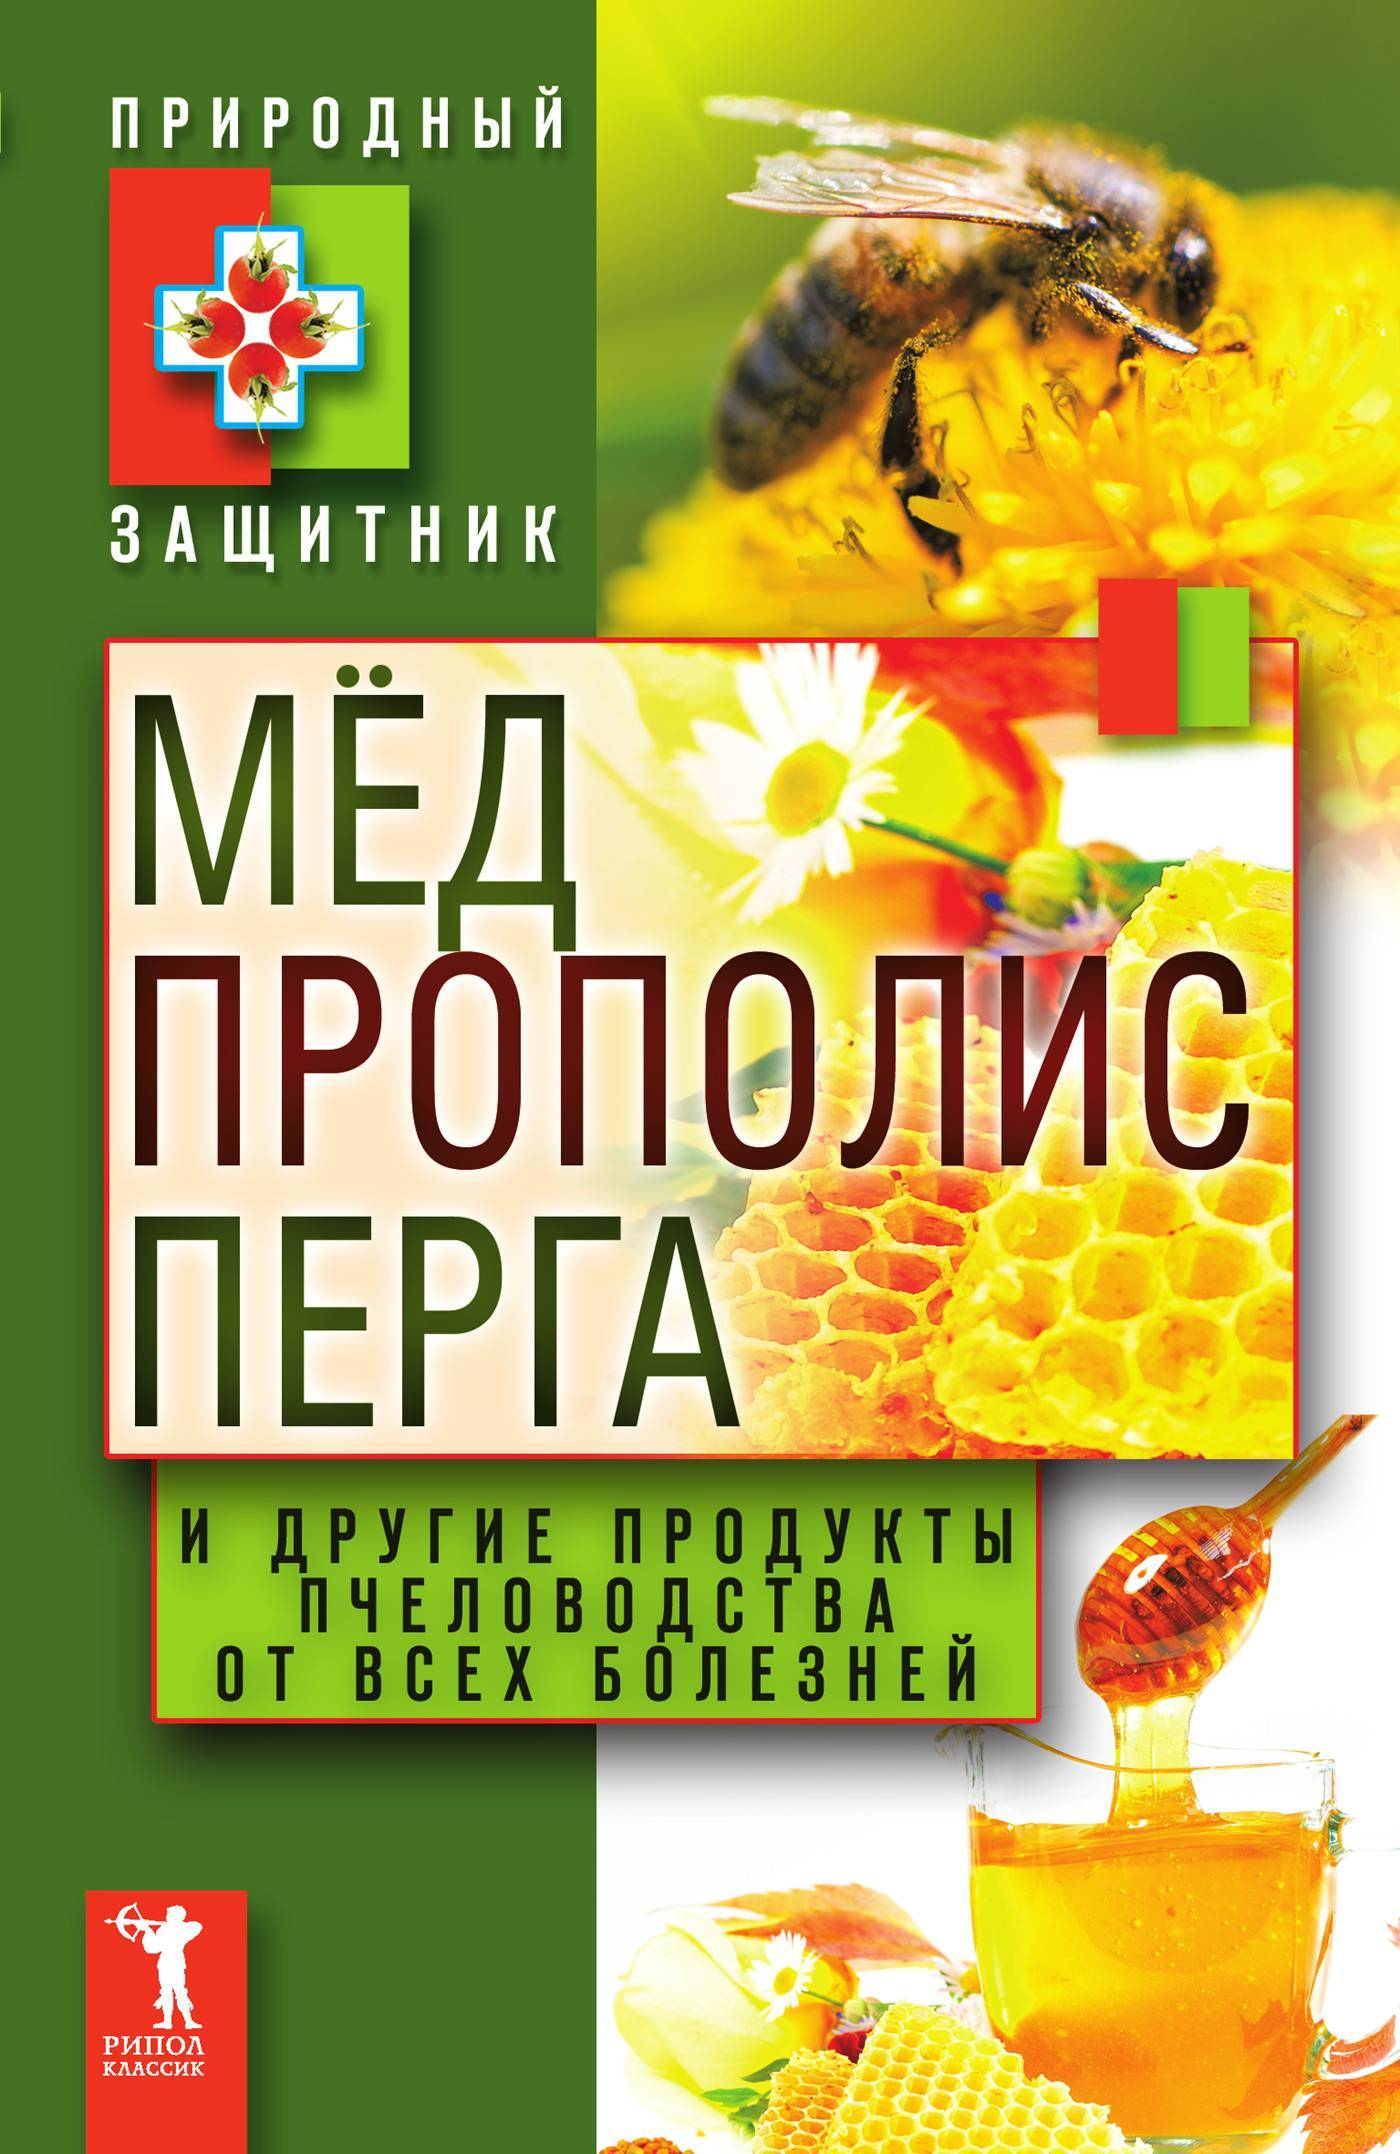 О применении и пользе продуктов пчеловодства